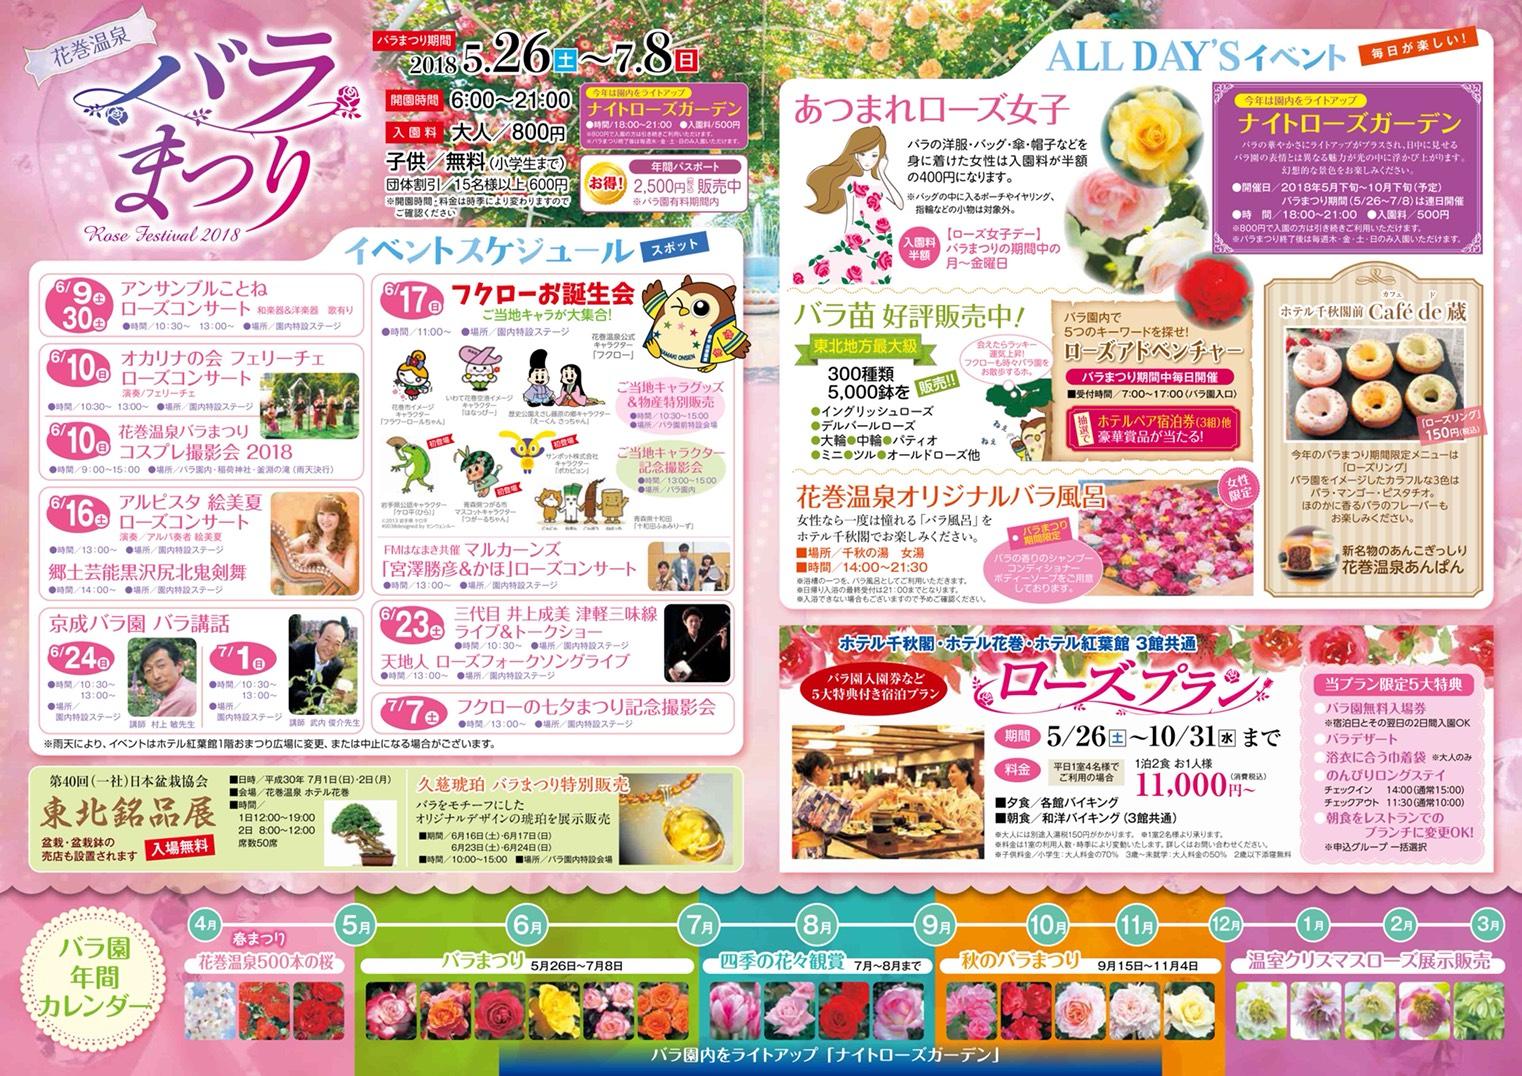 アルパコンサート in花巻温泉バラ園